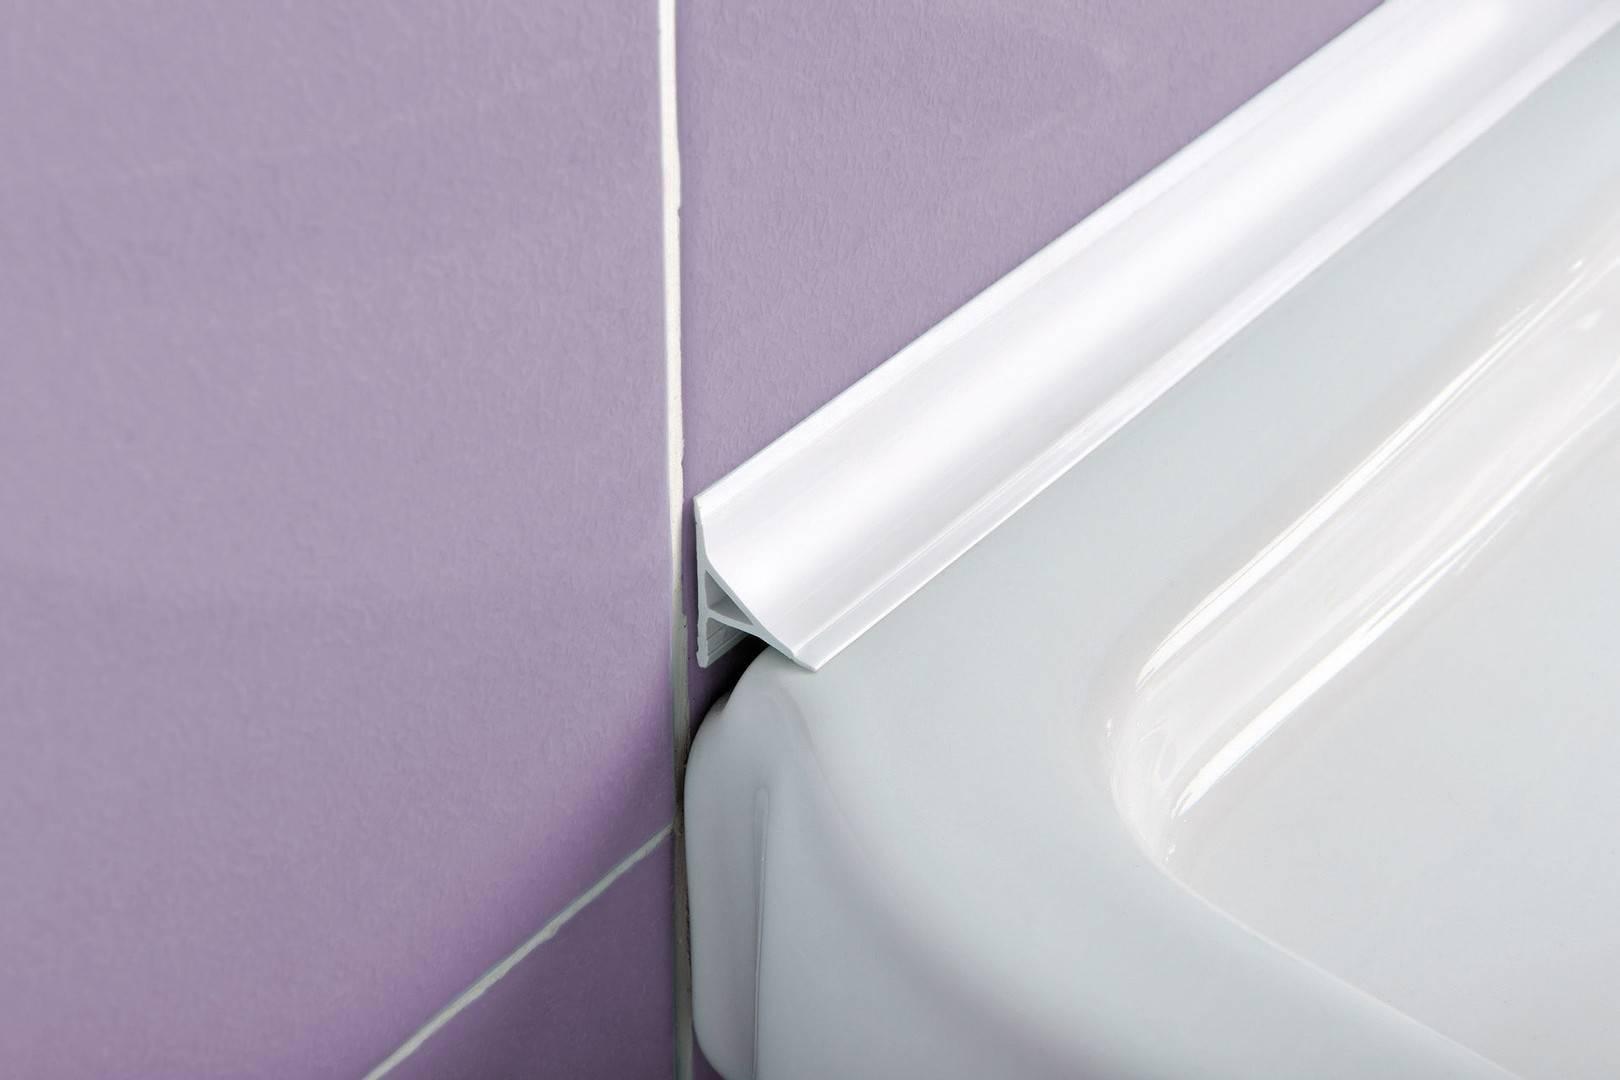 Пластиковый уголок для ванной — виды и установка (фото, видео)